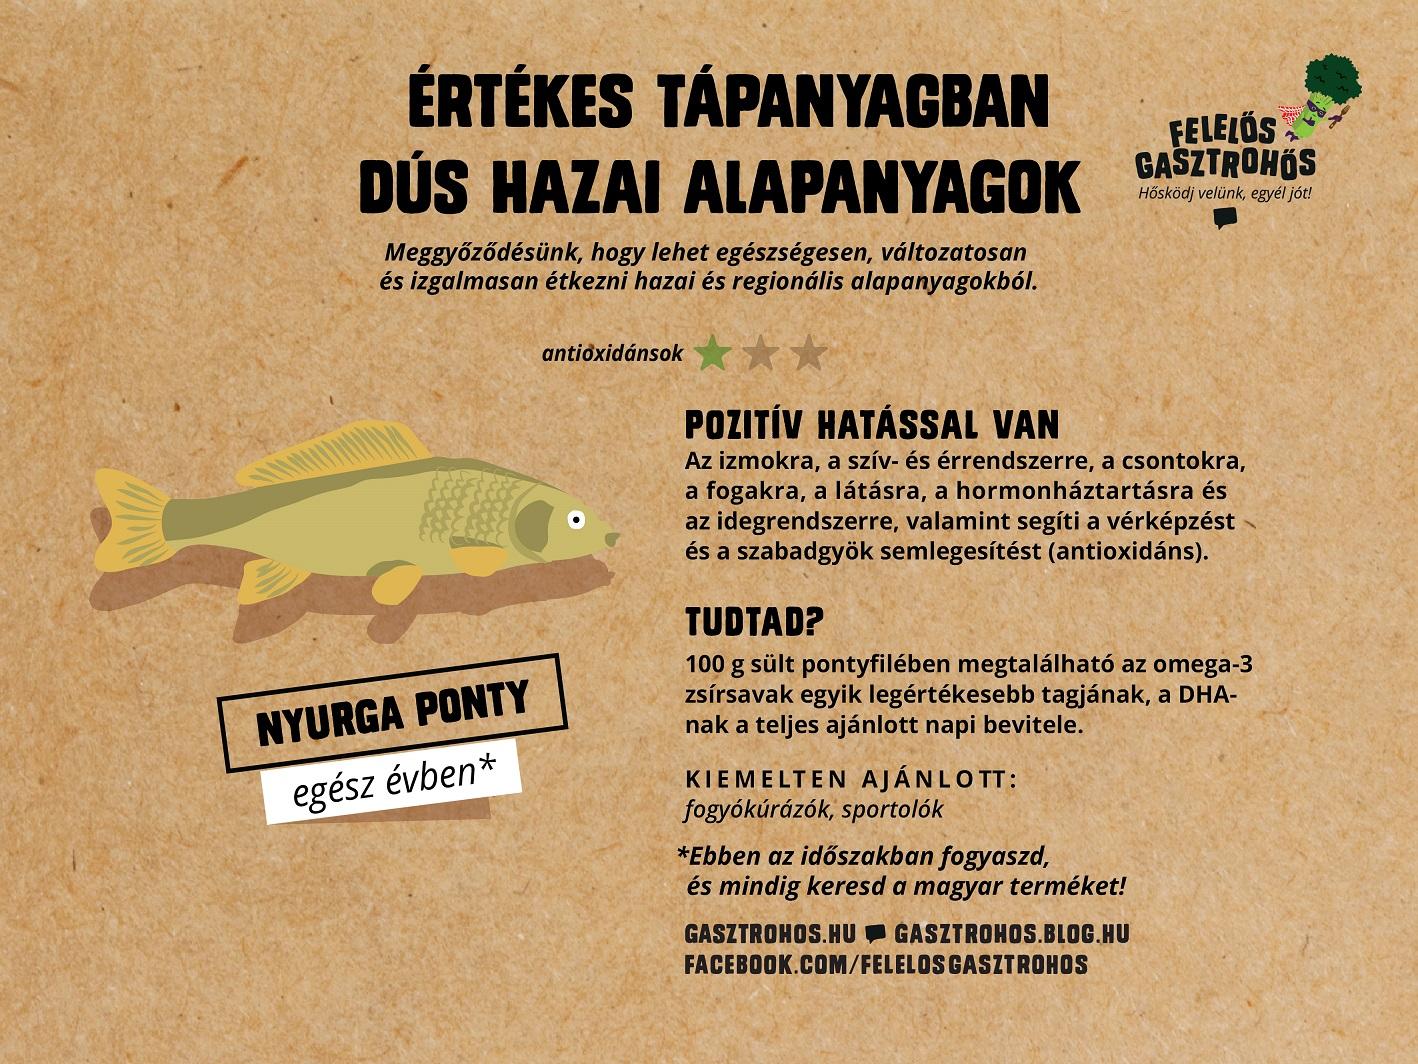 gasztrohos-superfood-kis-superfoodok-infografika-facebook-04.jpg